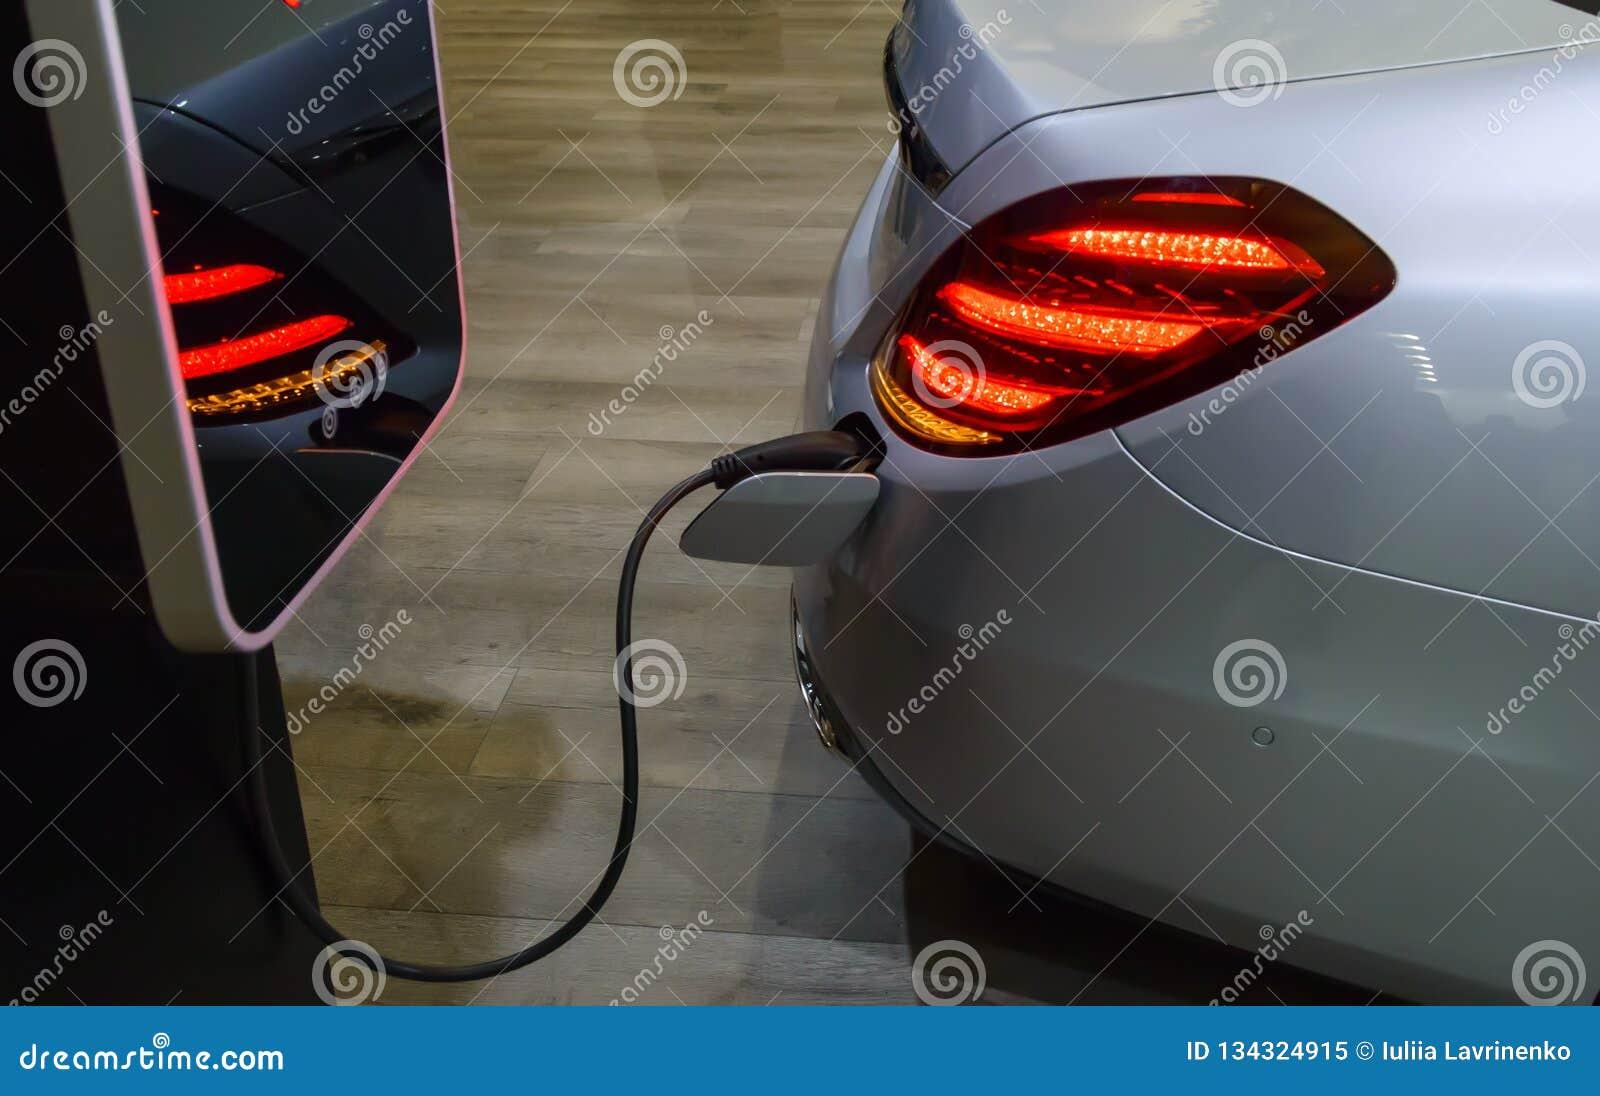 Automobile elettrica con un cavo elettrico inserito alla stazione di carico